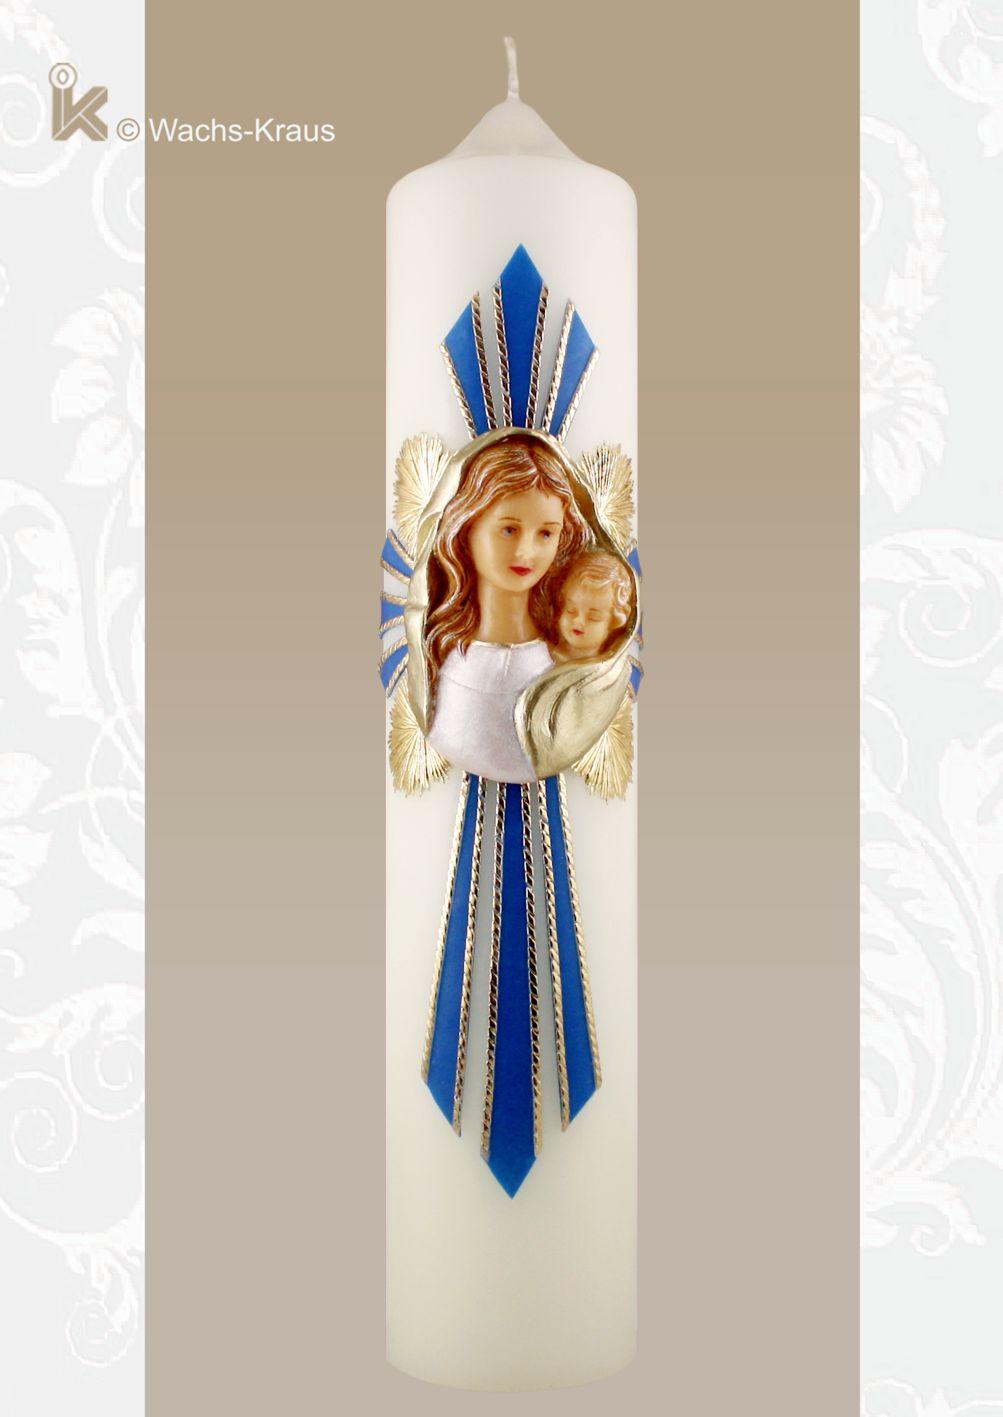 Marienkerze Madonna im Strahlenkreuz. Wunderschön modellierte Maria mit Kind gerahmt durch ein Blau-Goldenes Strahlenkreuz.